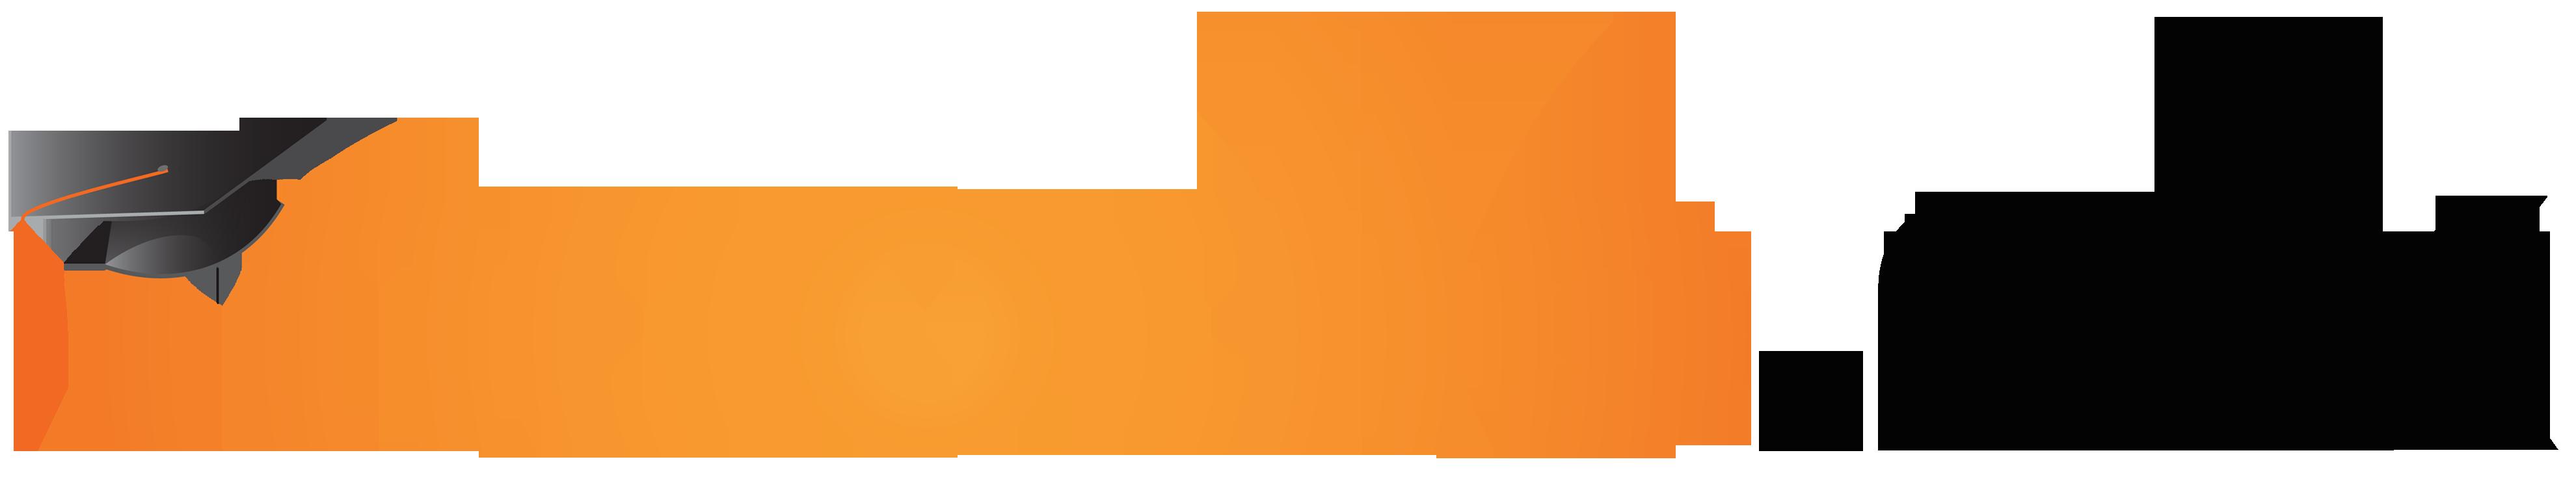 Moodle Macedonia